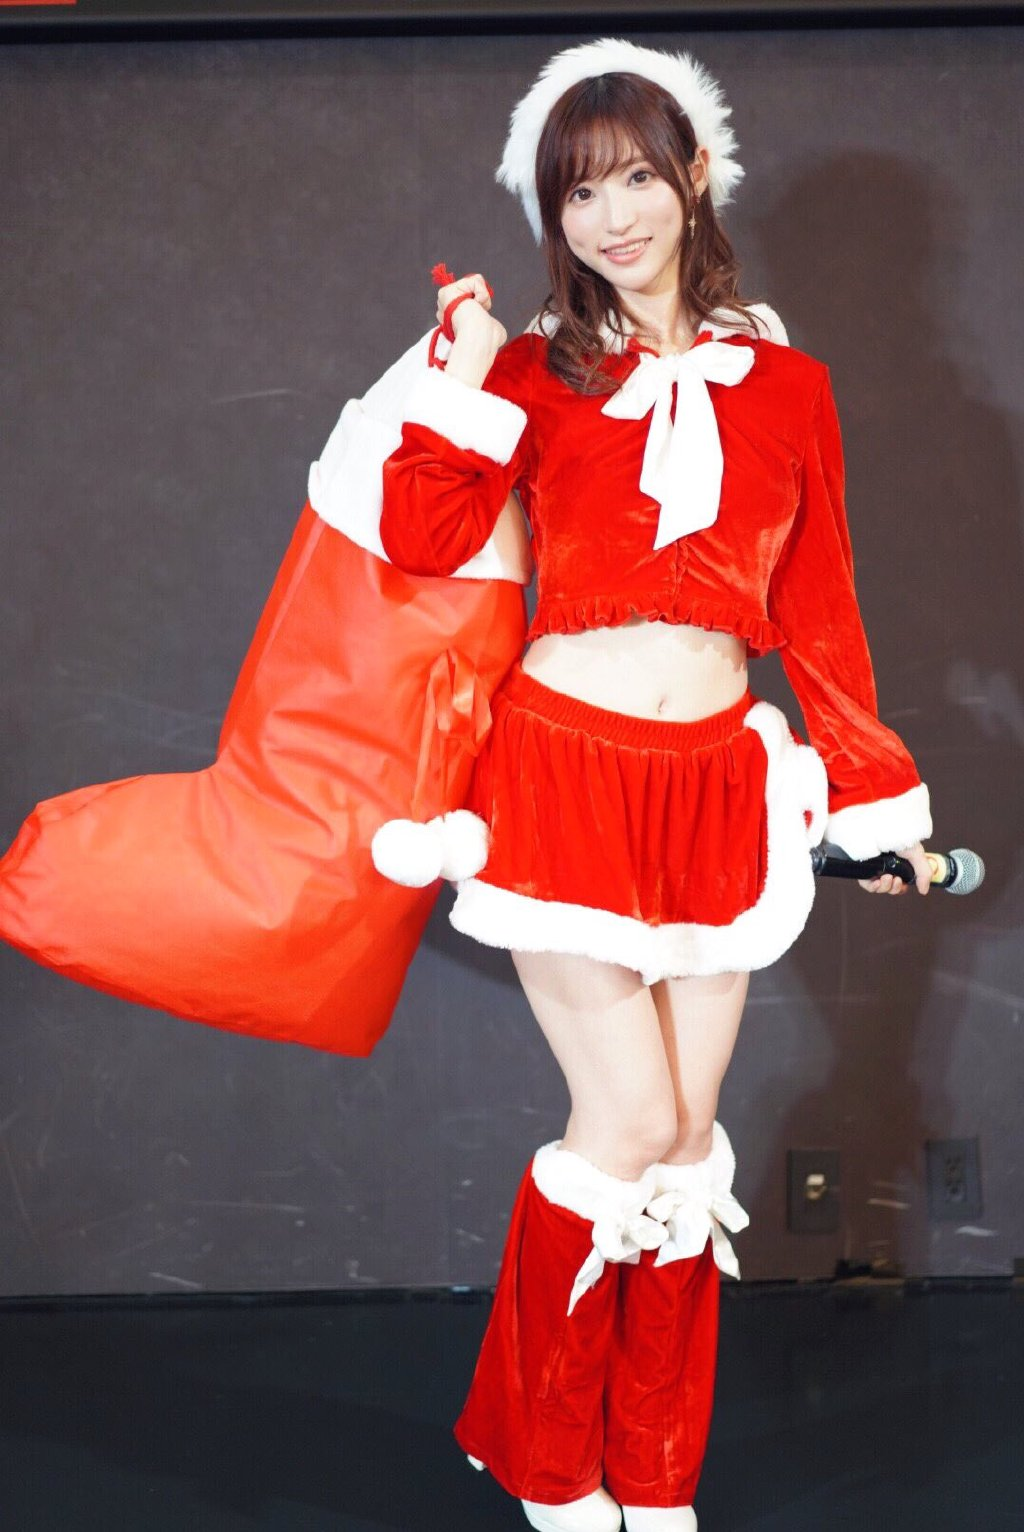 硬盘女神集体祝大家圣诞快乐 无圣光组图 图5